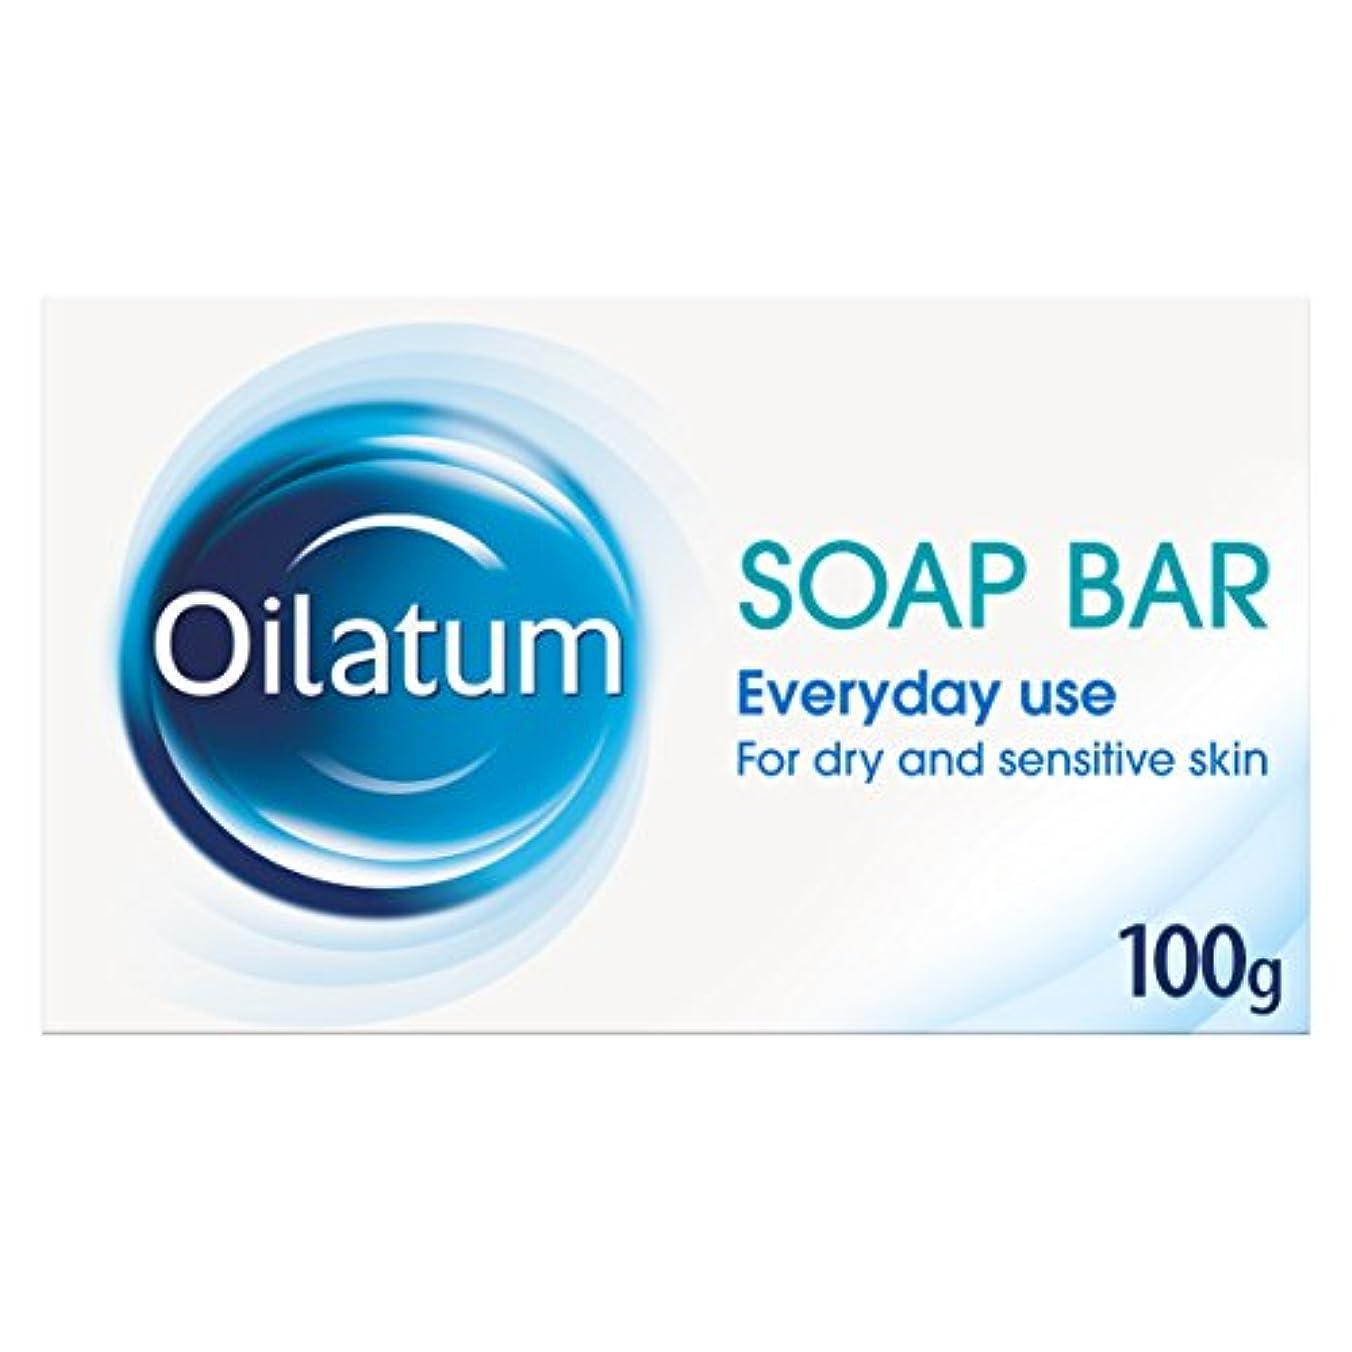 タイル外観避難Oilatum 100g Soap Bar for Dry Skin [並行輸入品]